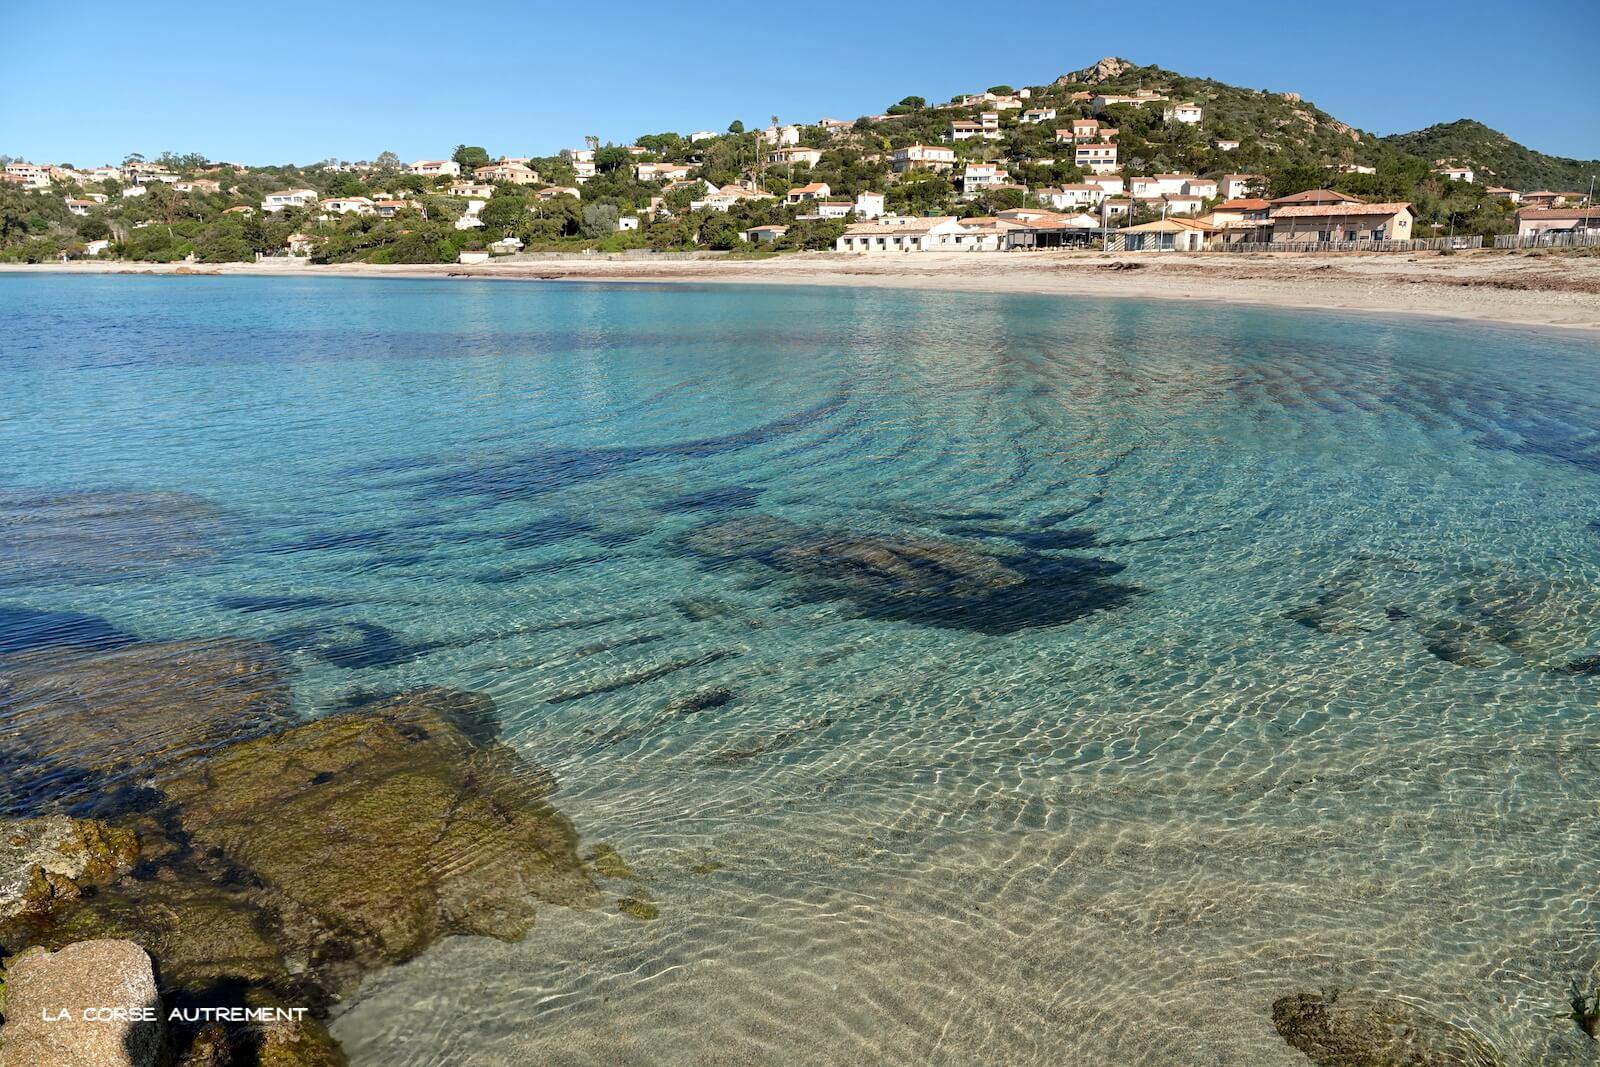 La plage du Ruppione en Corse